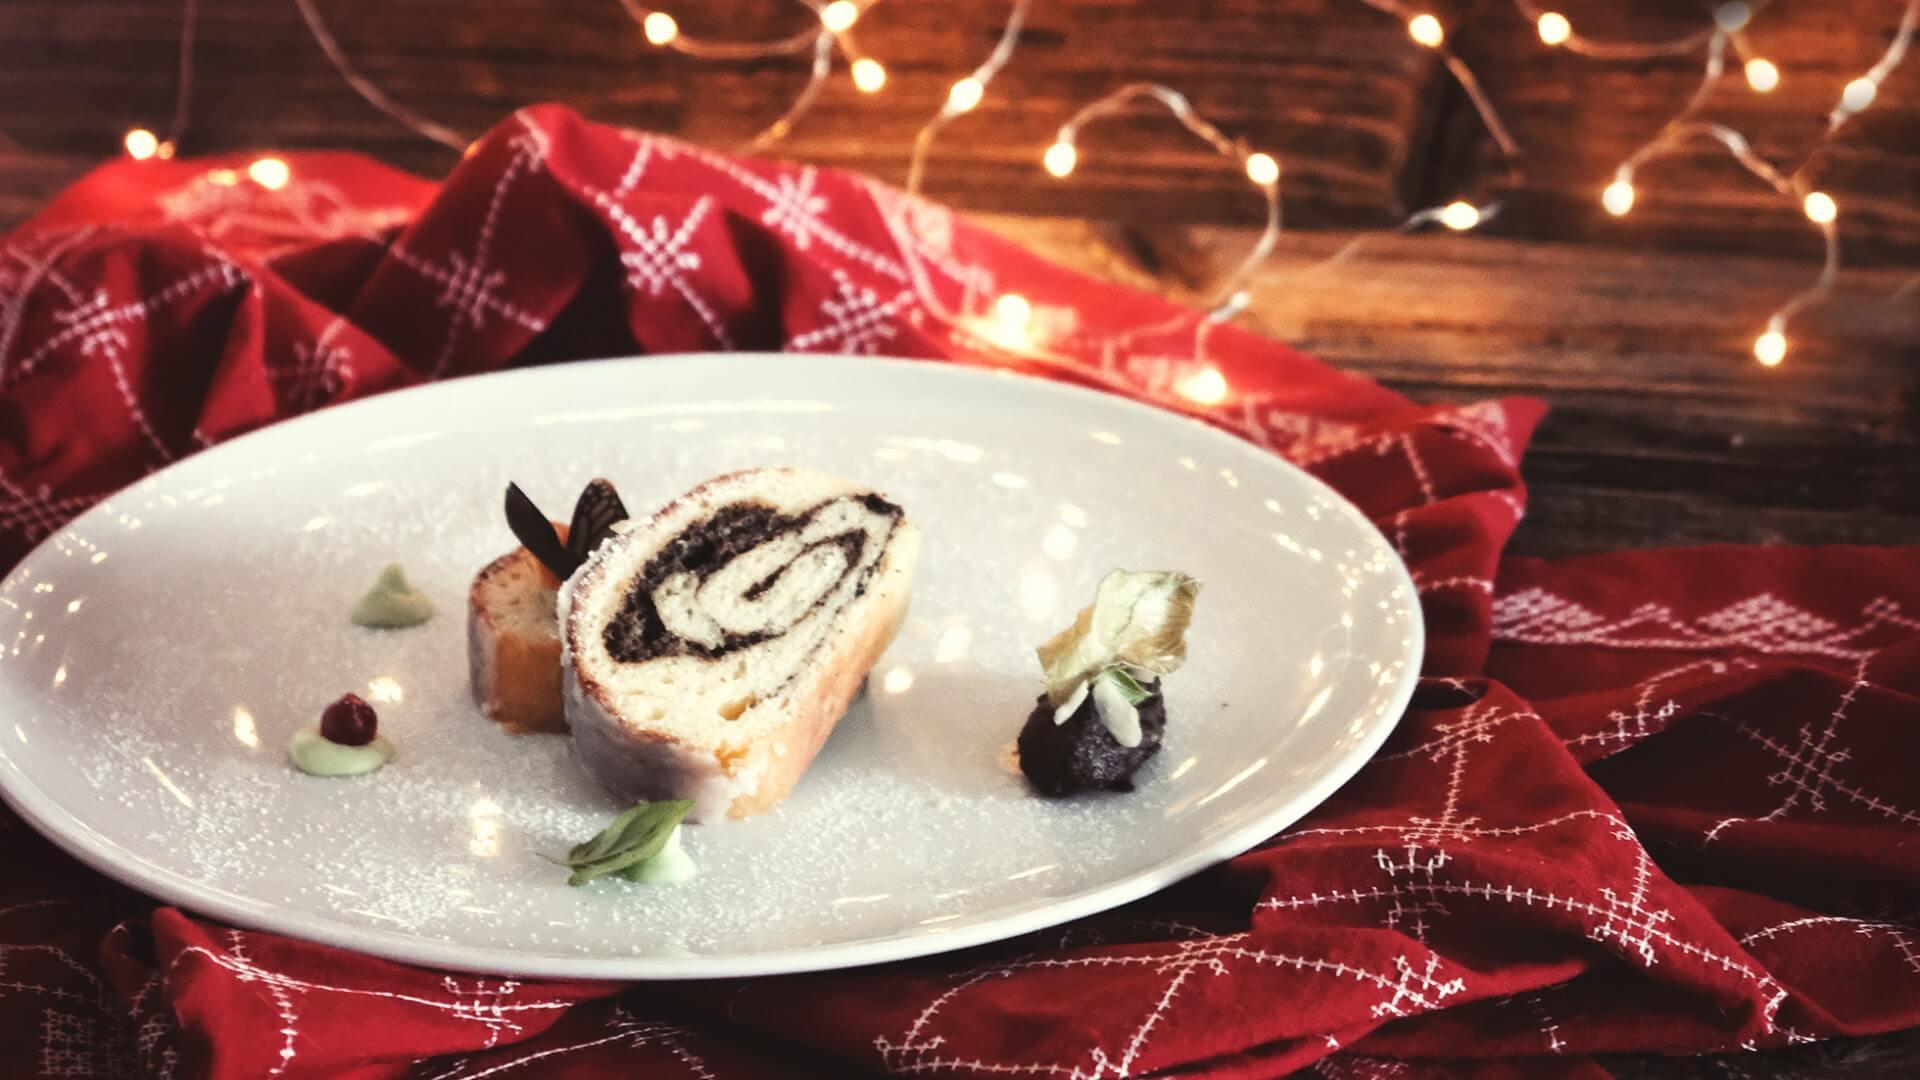 Świąteczne potrawy: Przepis natradycyjny makowiec